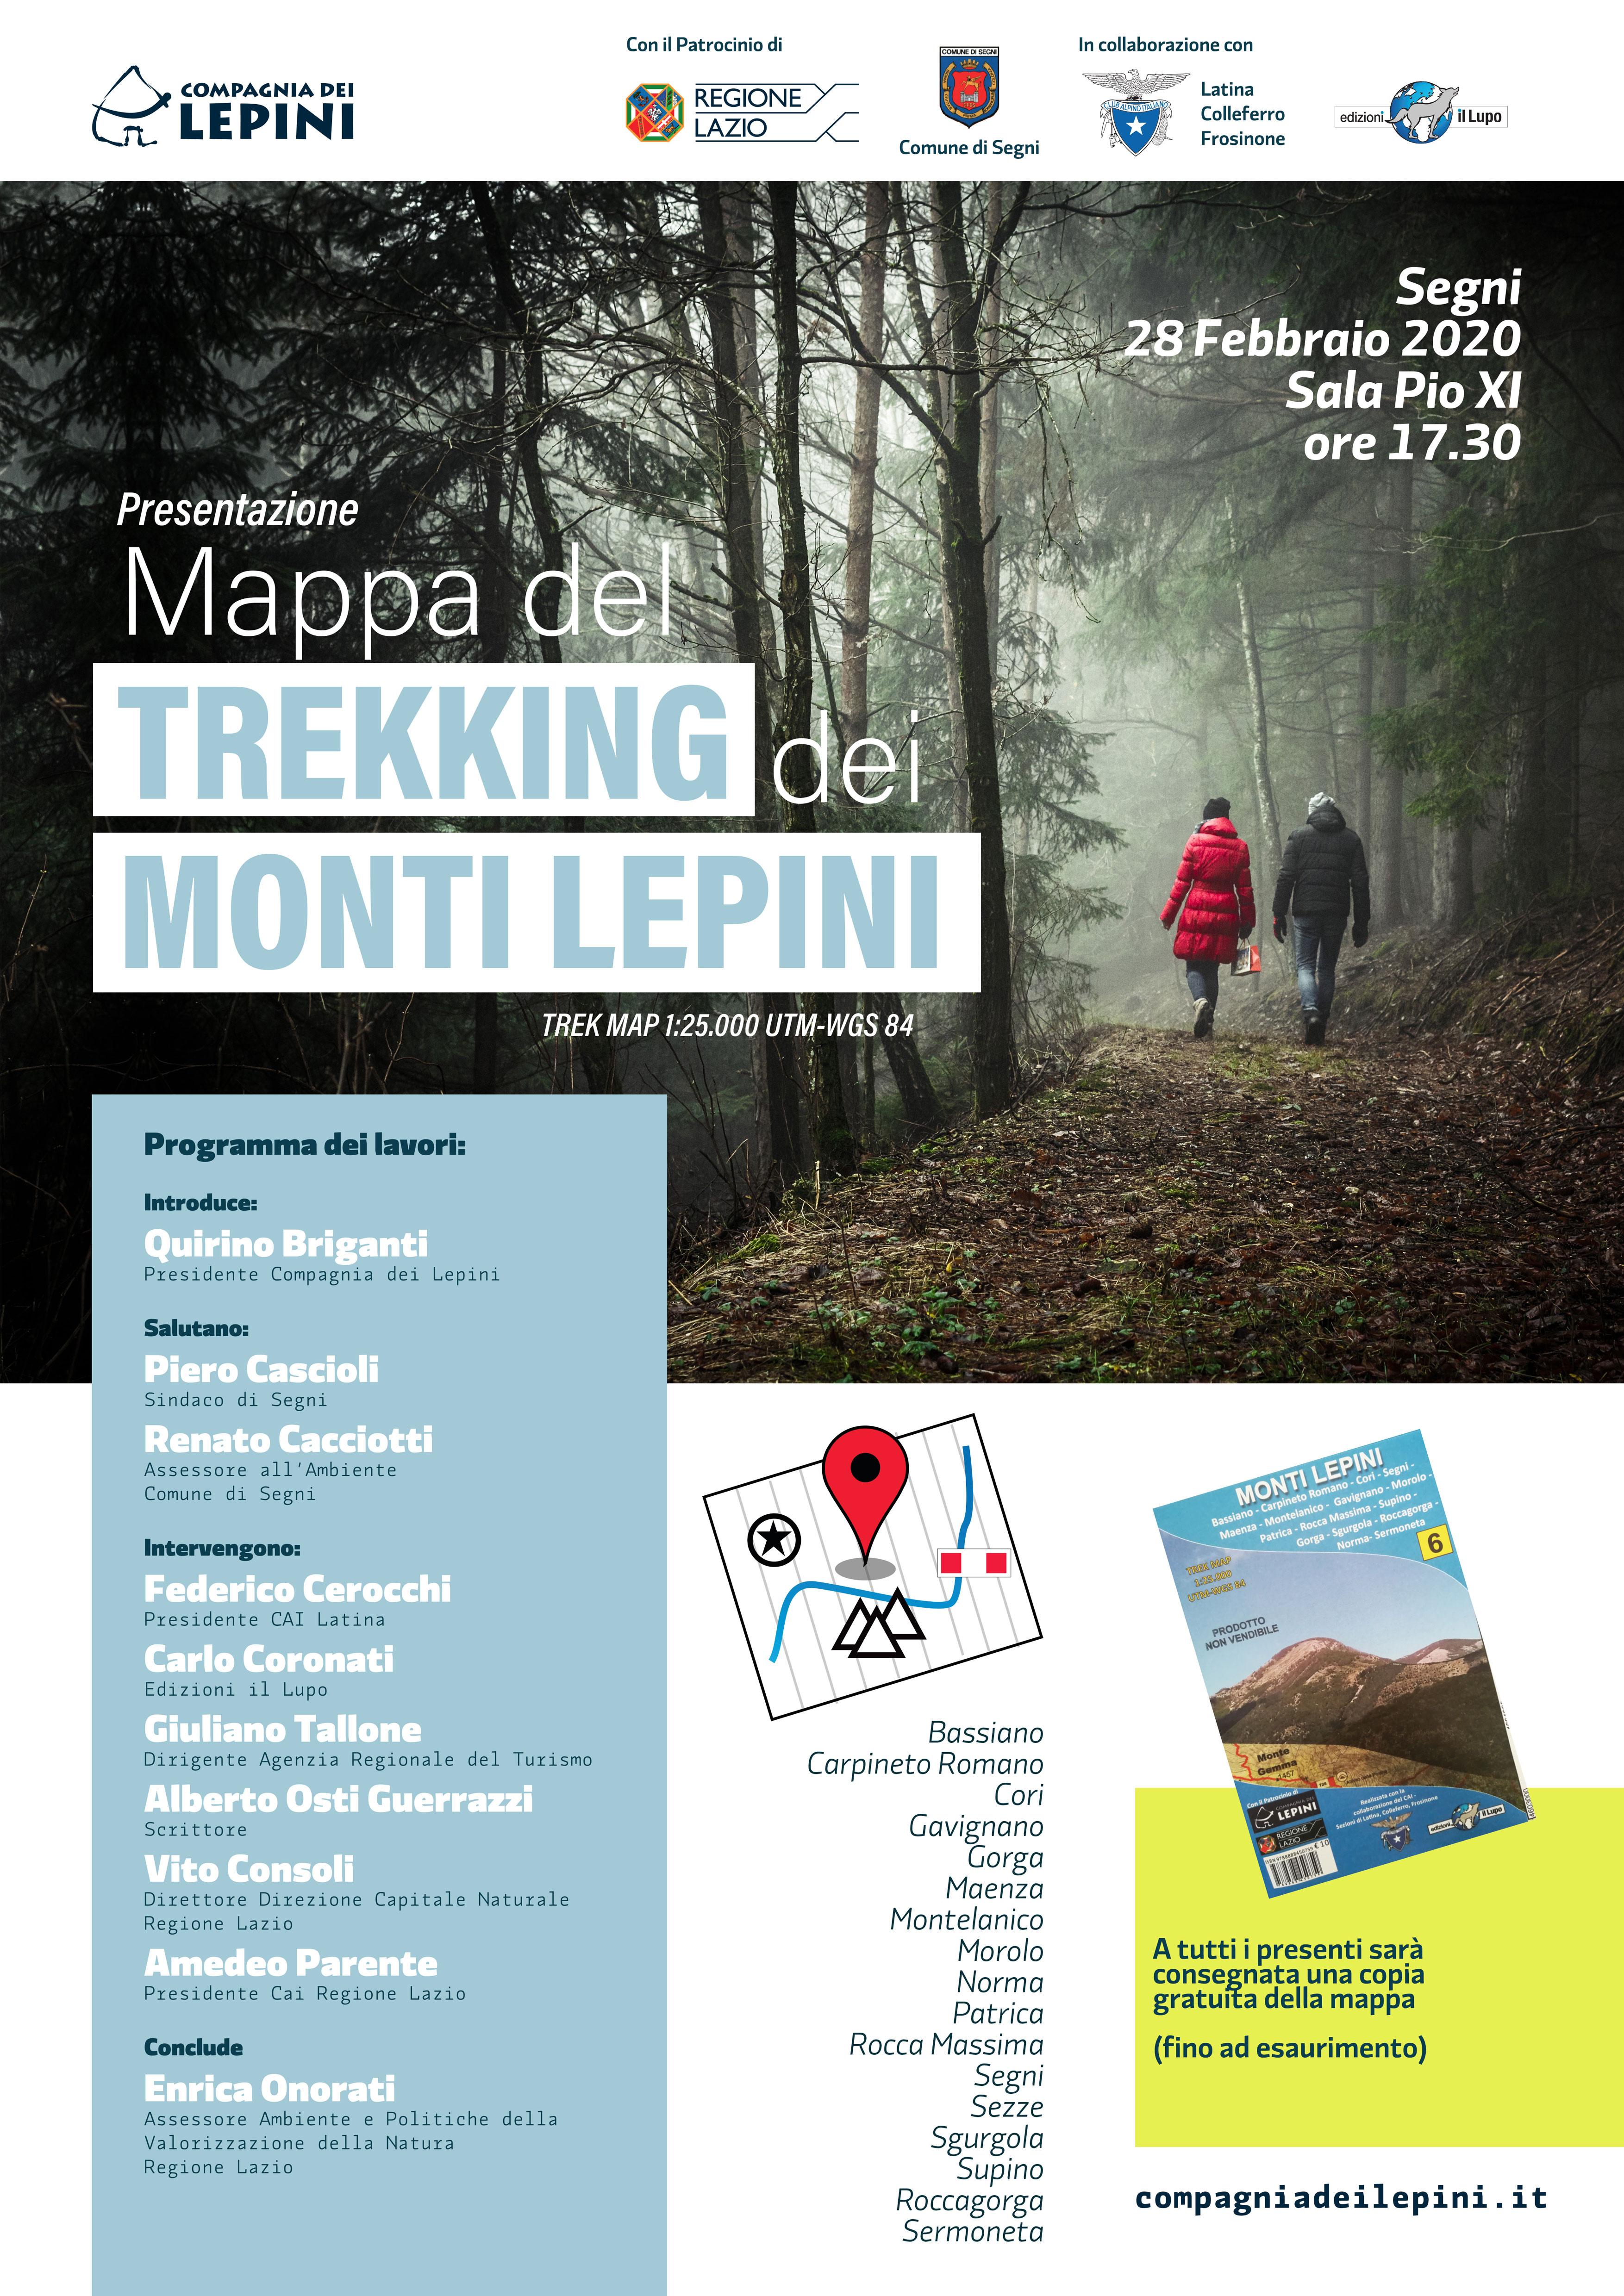 Segni: Presentazione Mappa del Trekking dei Monti Lepini @ Sala Pio XI | Lazio | Italia